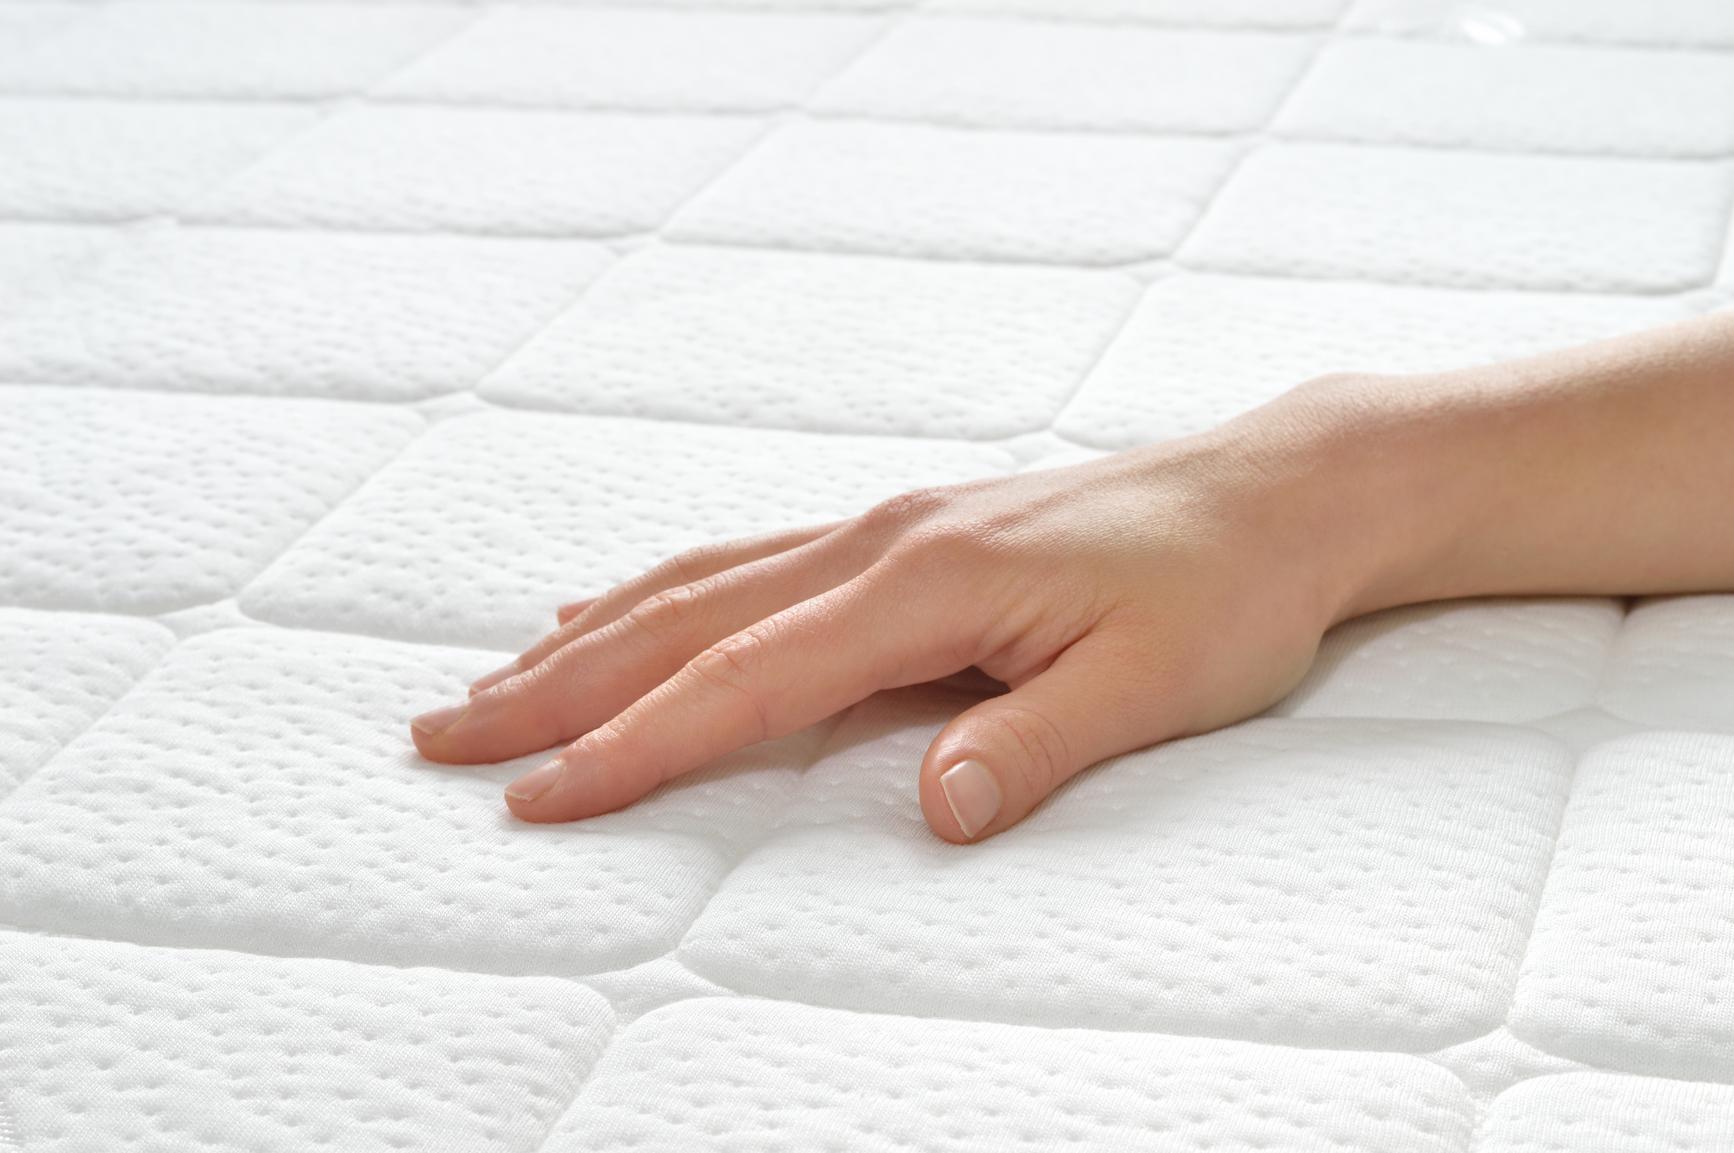 Come Pulire Materasso Memory come pulire i materassi in lattice: regole e consigli da